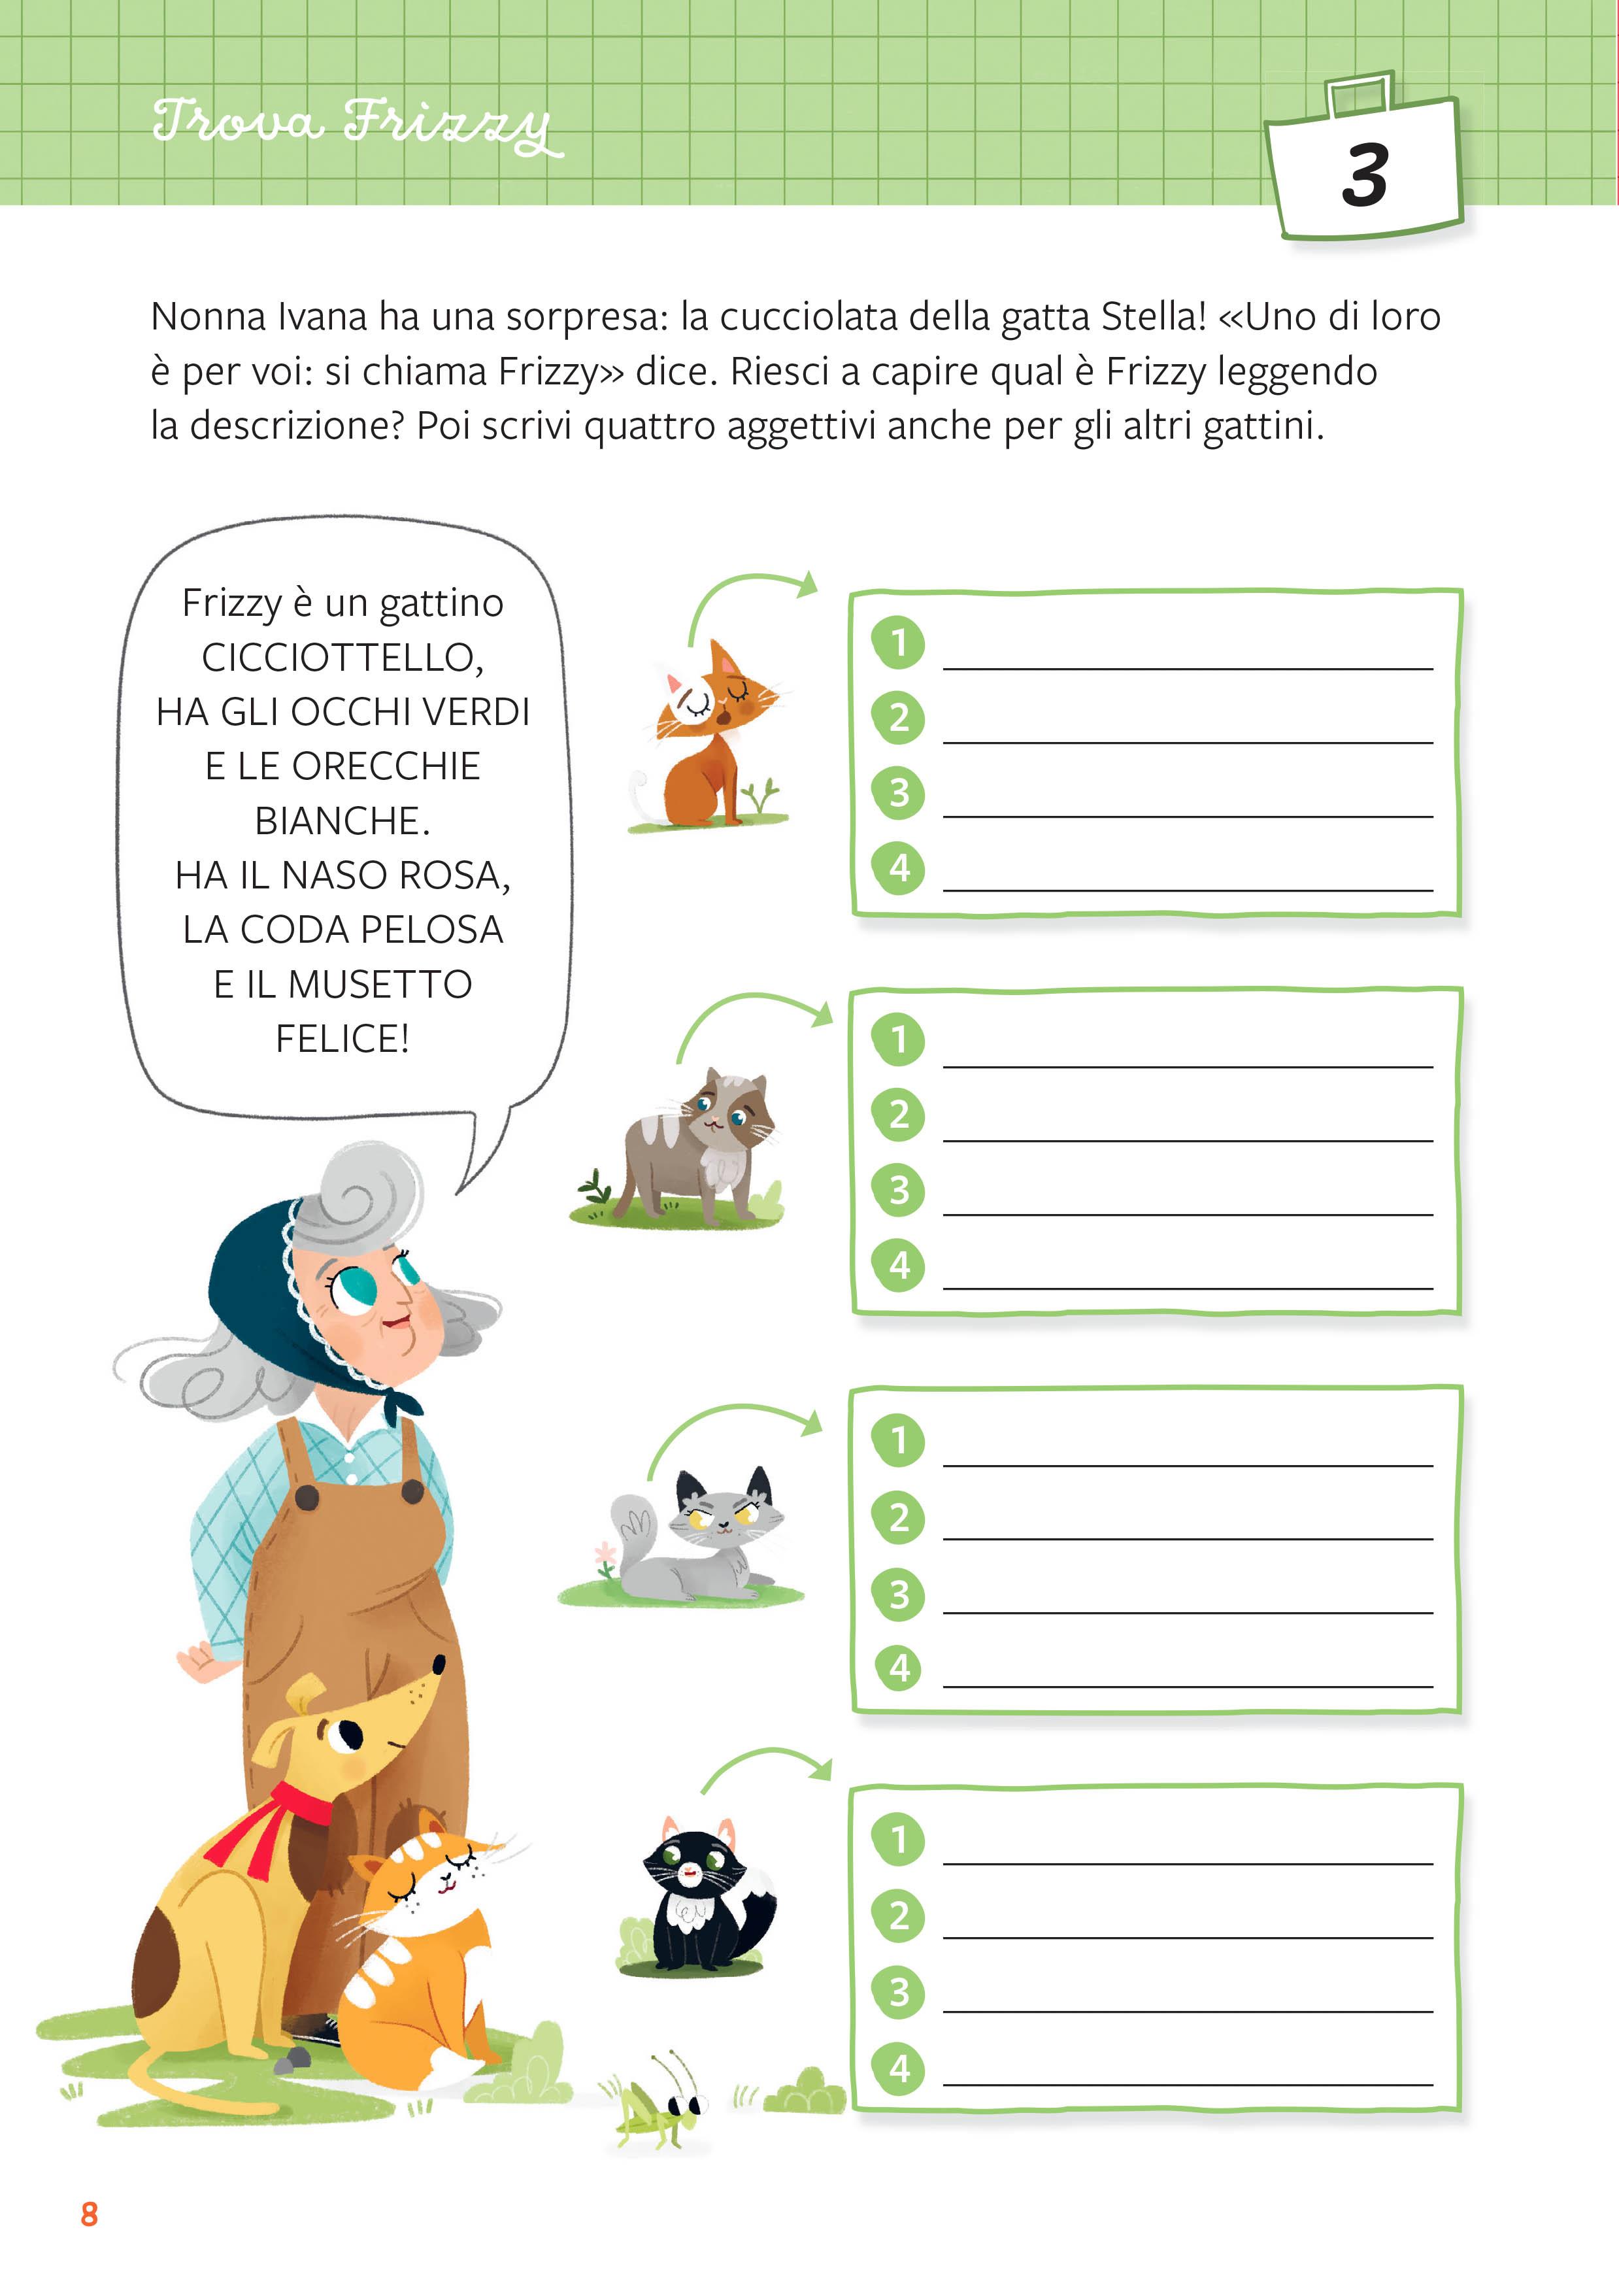 INT_La-famiglia-Monelli-va-in-vacanza_2.indd